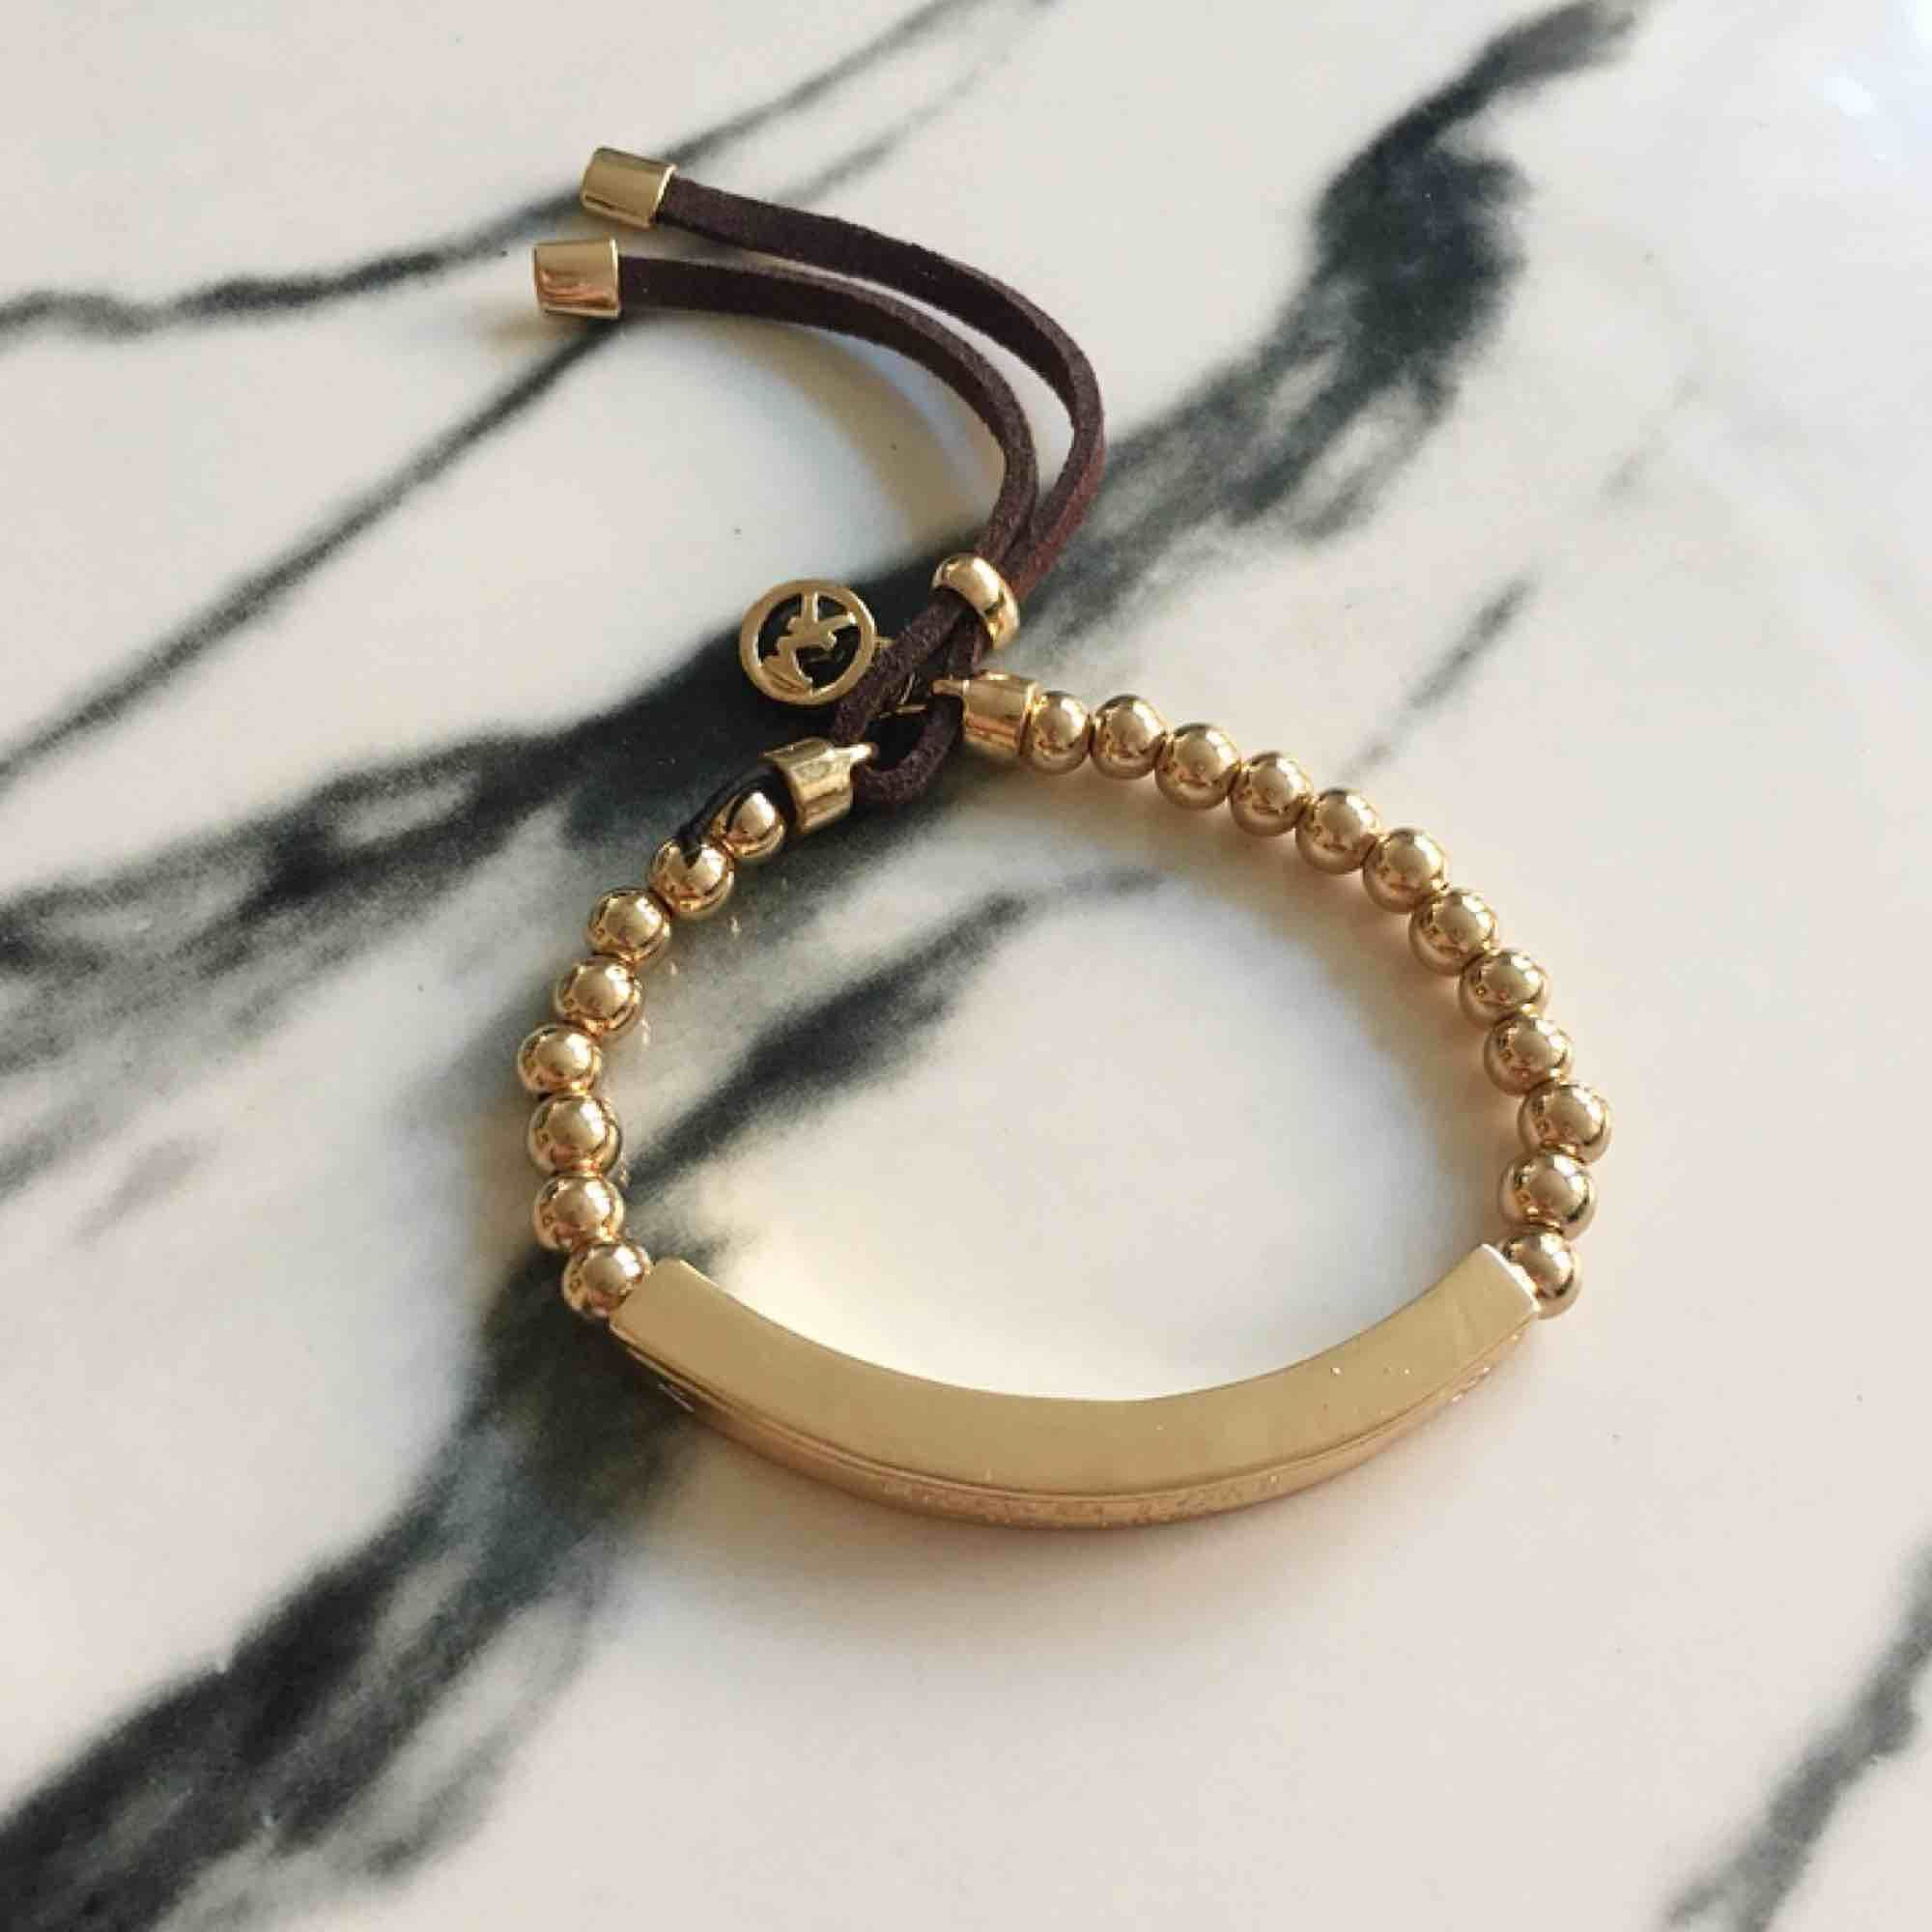 Äkta super fint armband från Michael Kors! Nypris 599:- kr. Accessoarer.